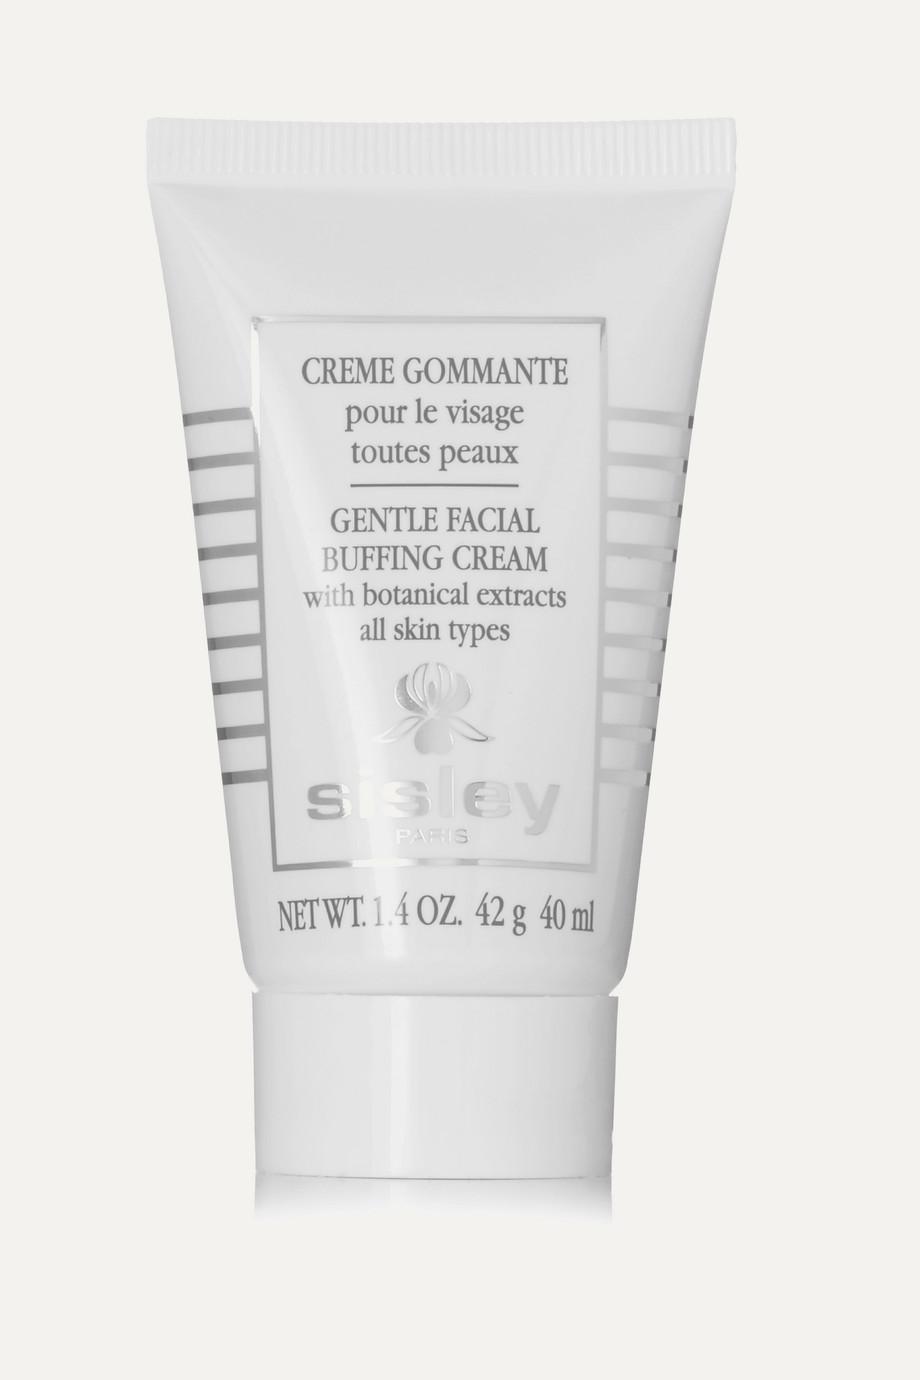 Sisley Gentle Facial Buffing Cream, 40 ml – Gesichtspeeling